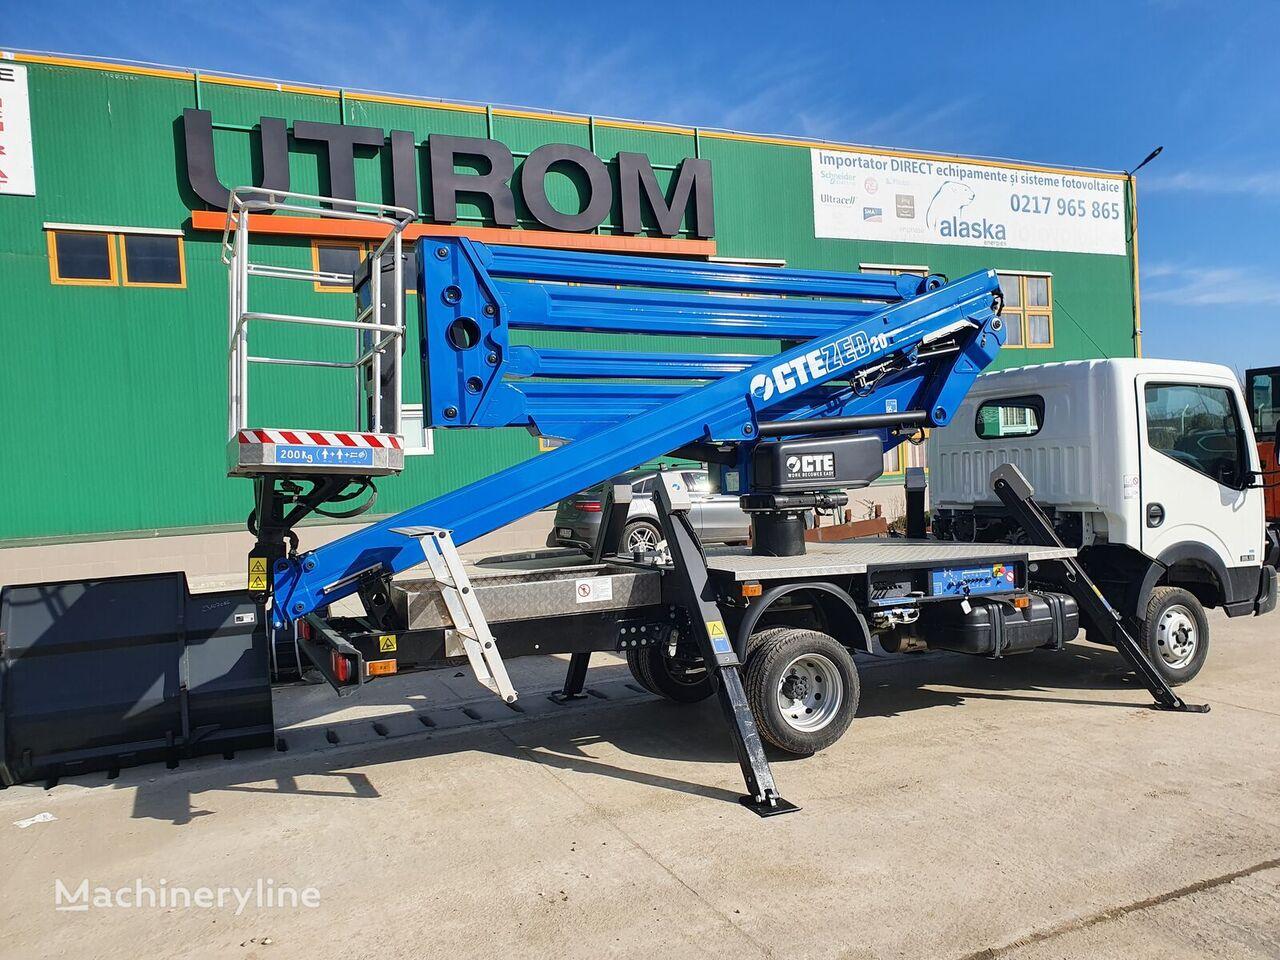 new NISSAN Cabstar 35.13 platform truck